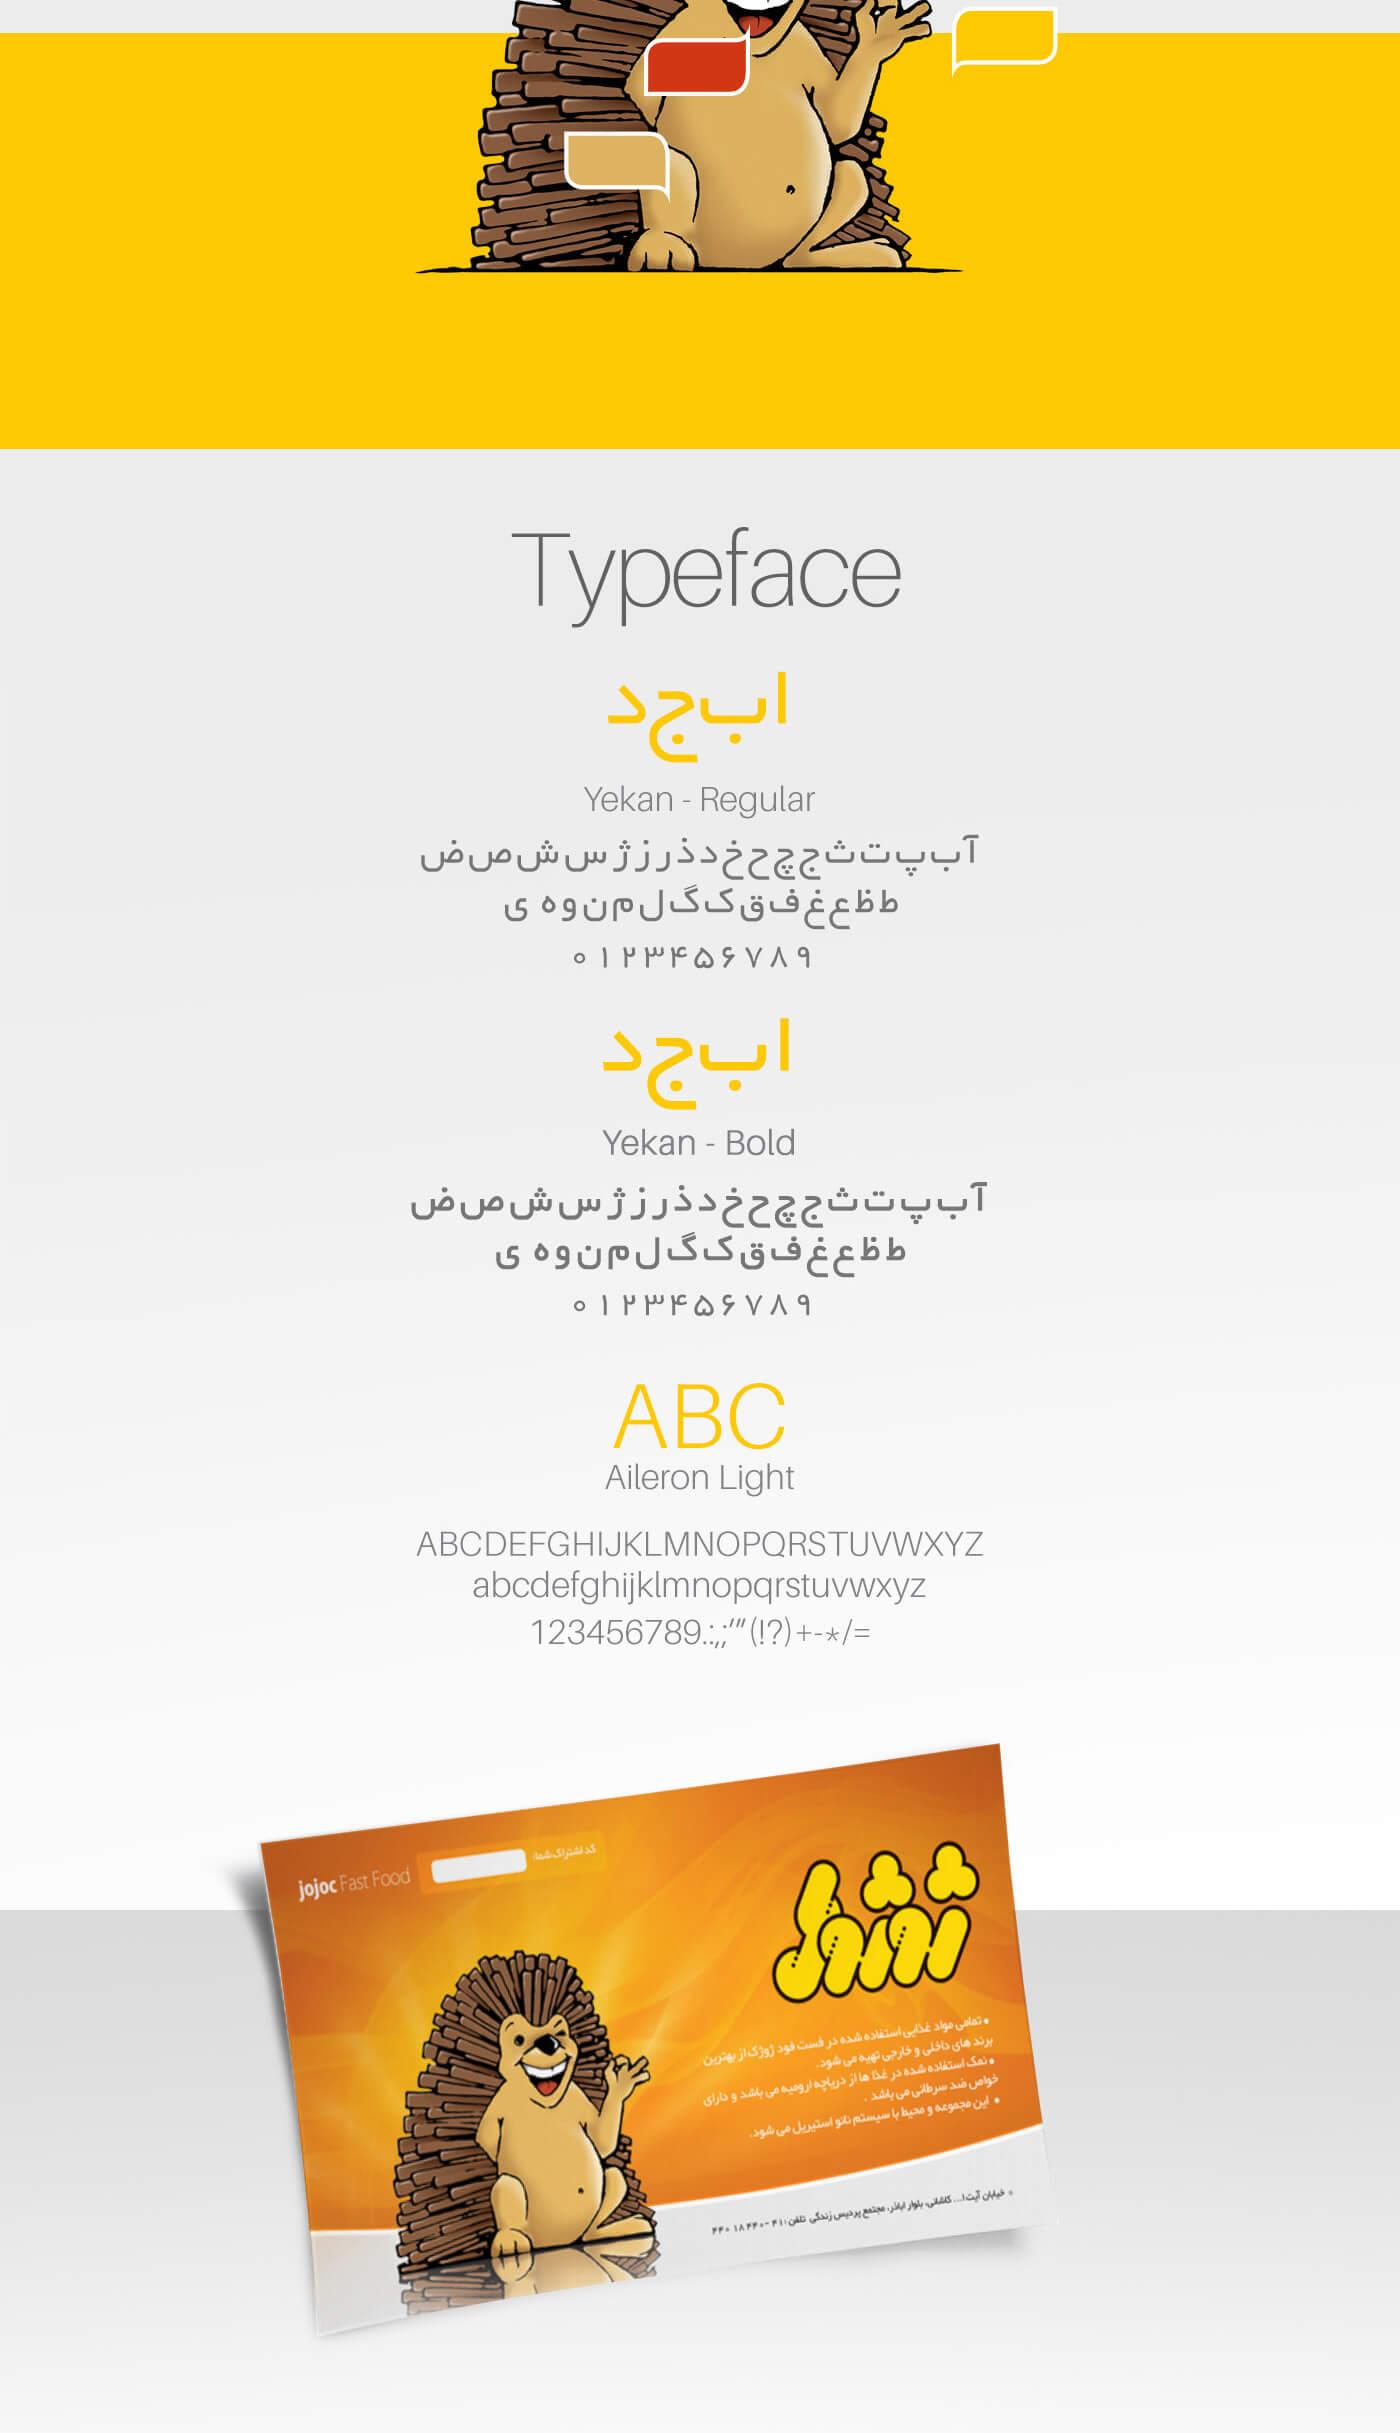 هویت بصری فست فود ژوژوک 2، هویت بصری رستوران ژوژوک، فست فود ژوژوک، هویت بصری، طراحی هویت بصری، شرکت تبلیغاتی الف، طراحی لوگو، طراحی لوگوتابپ، طراحی ست اداری، طراحی اوراق اداری